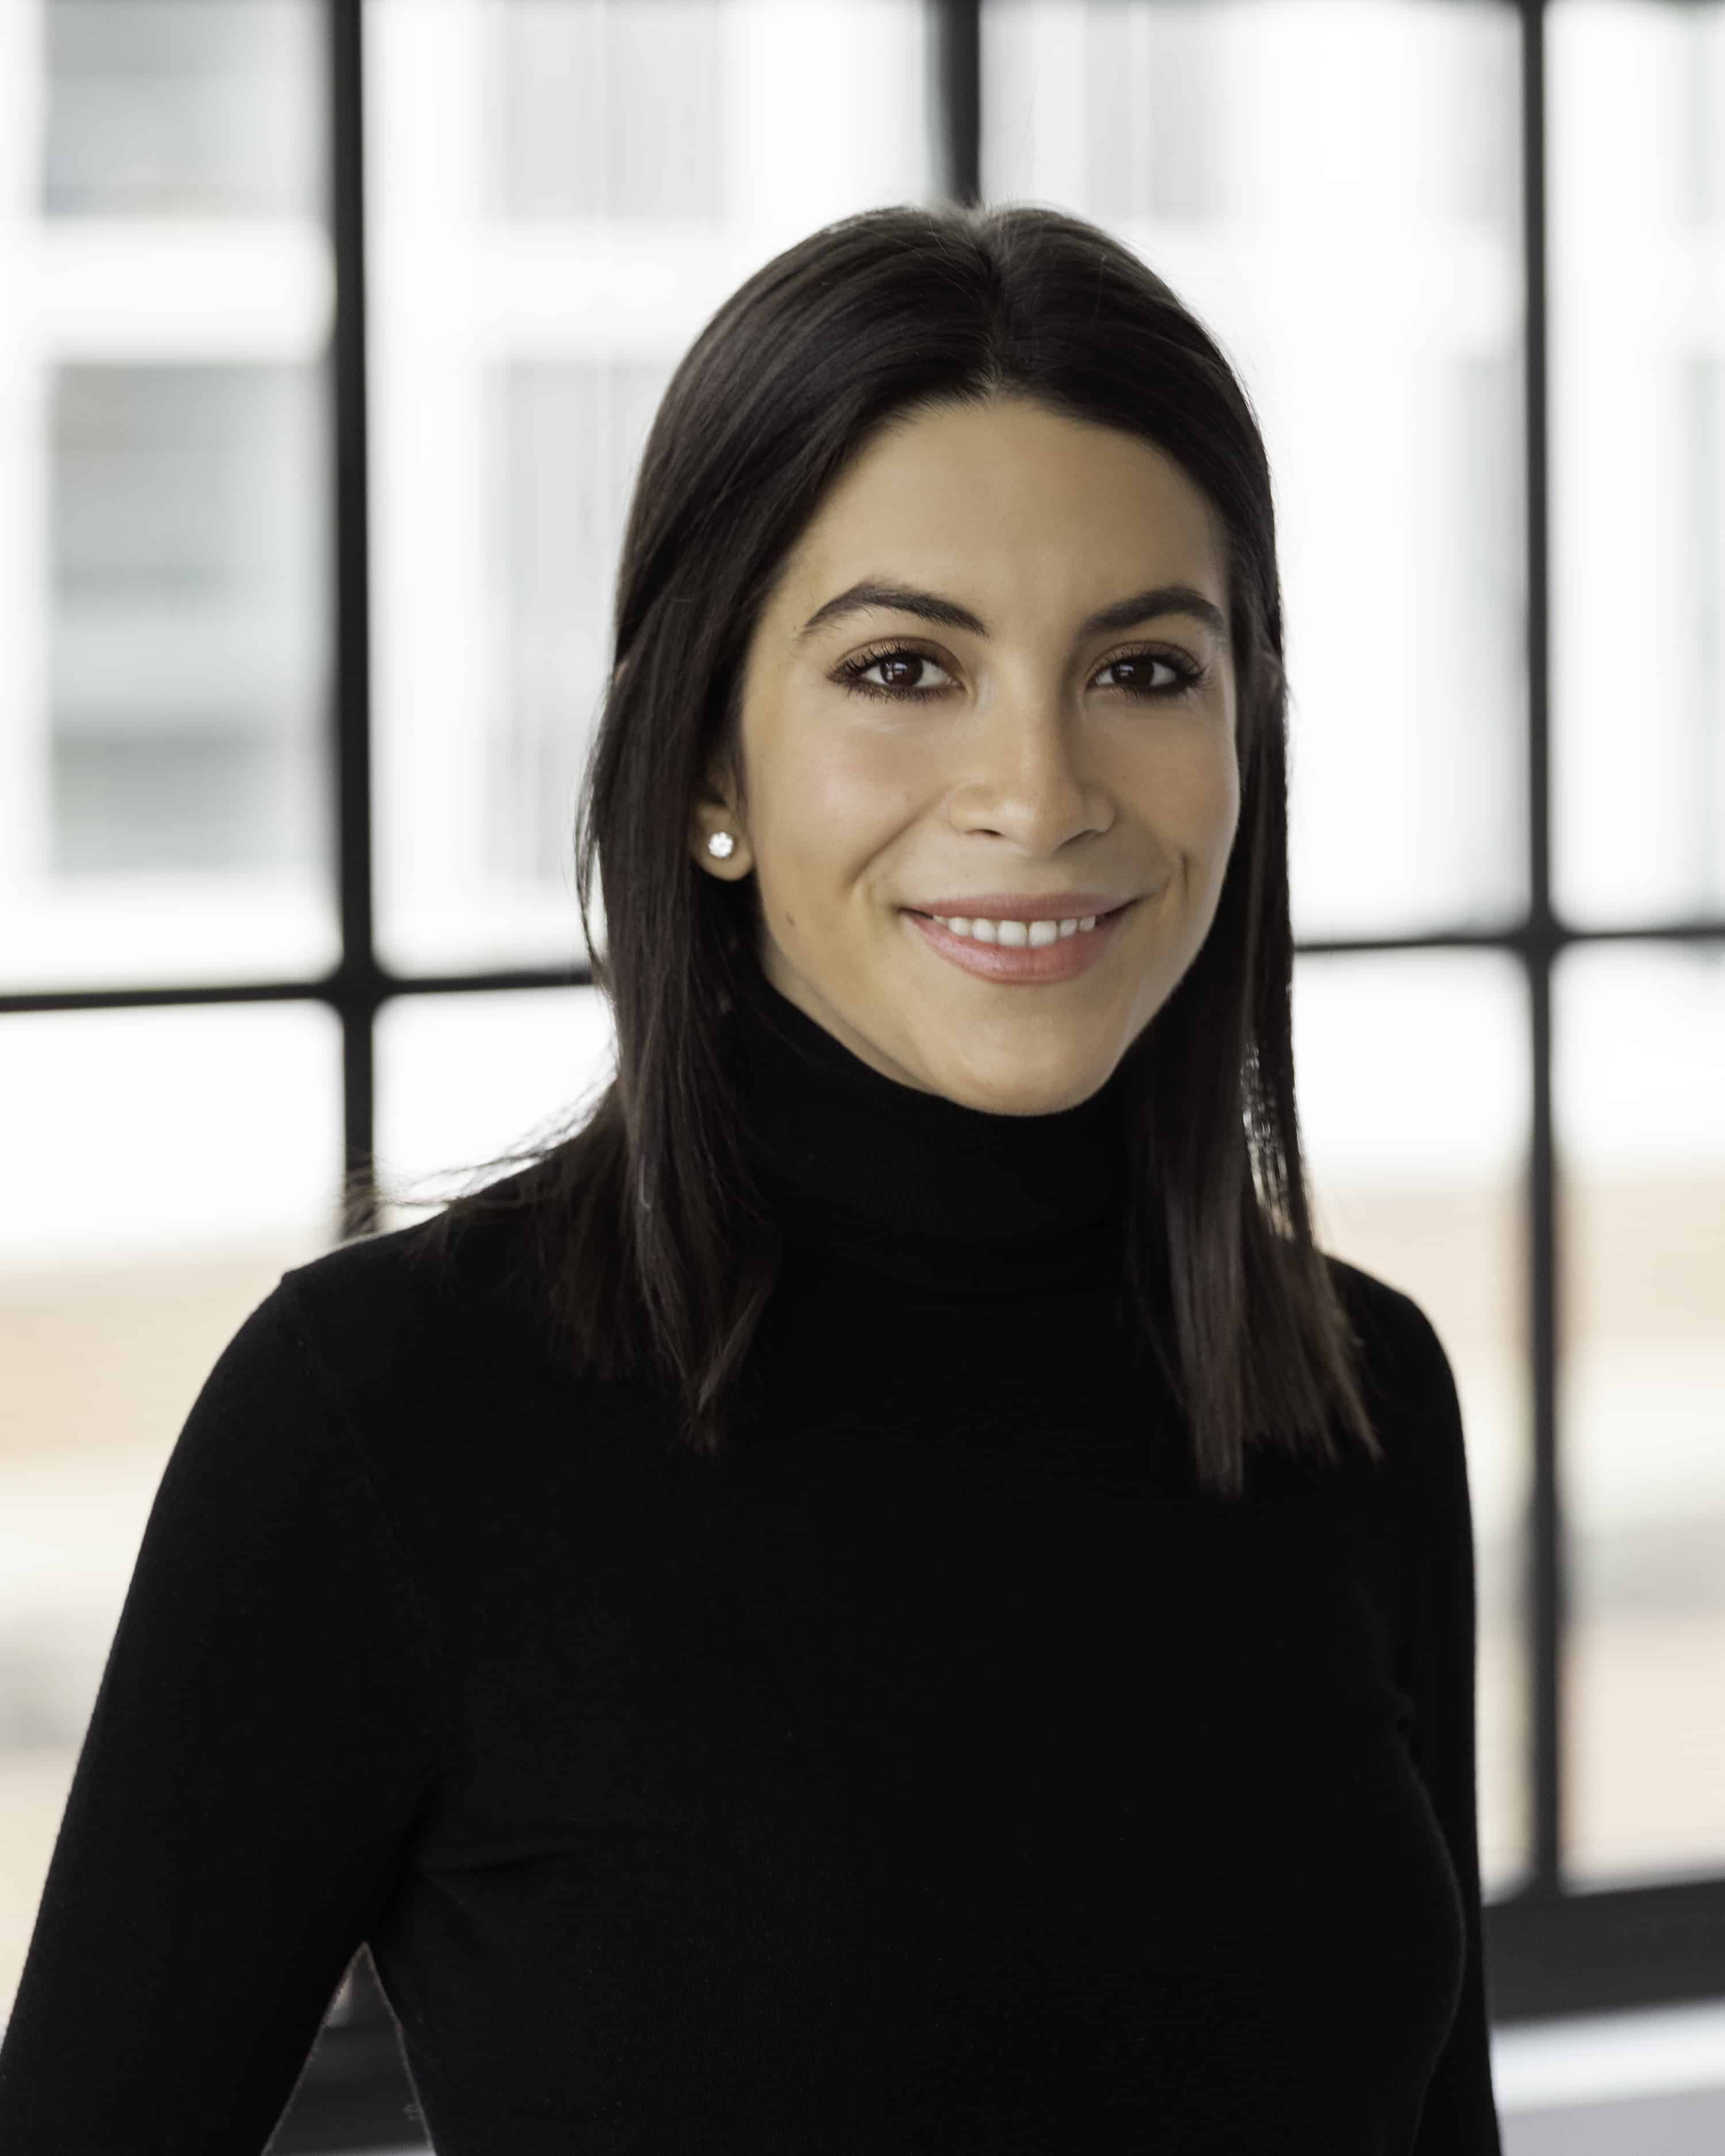 Anastasia Pantelidis